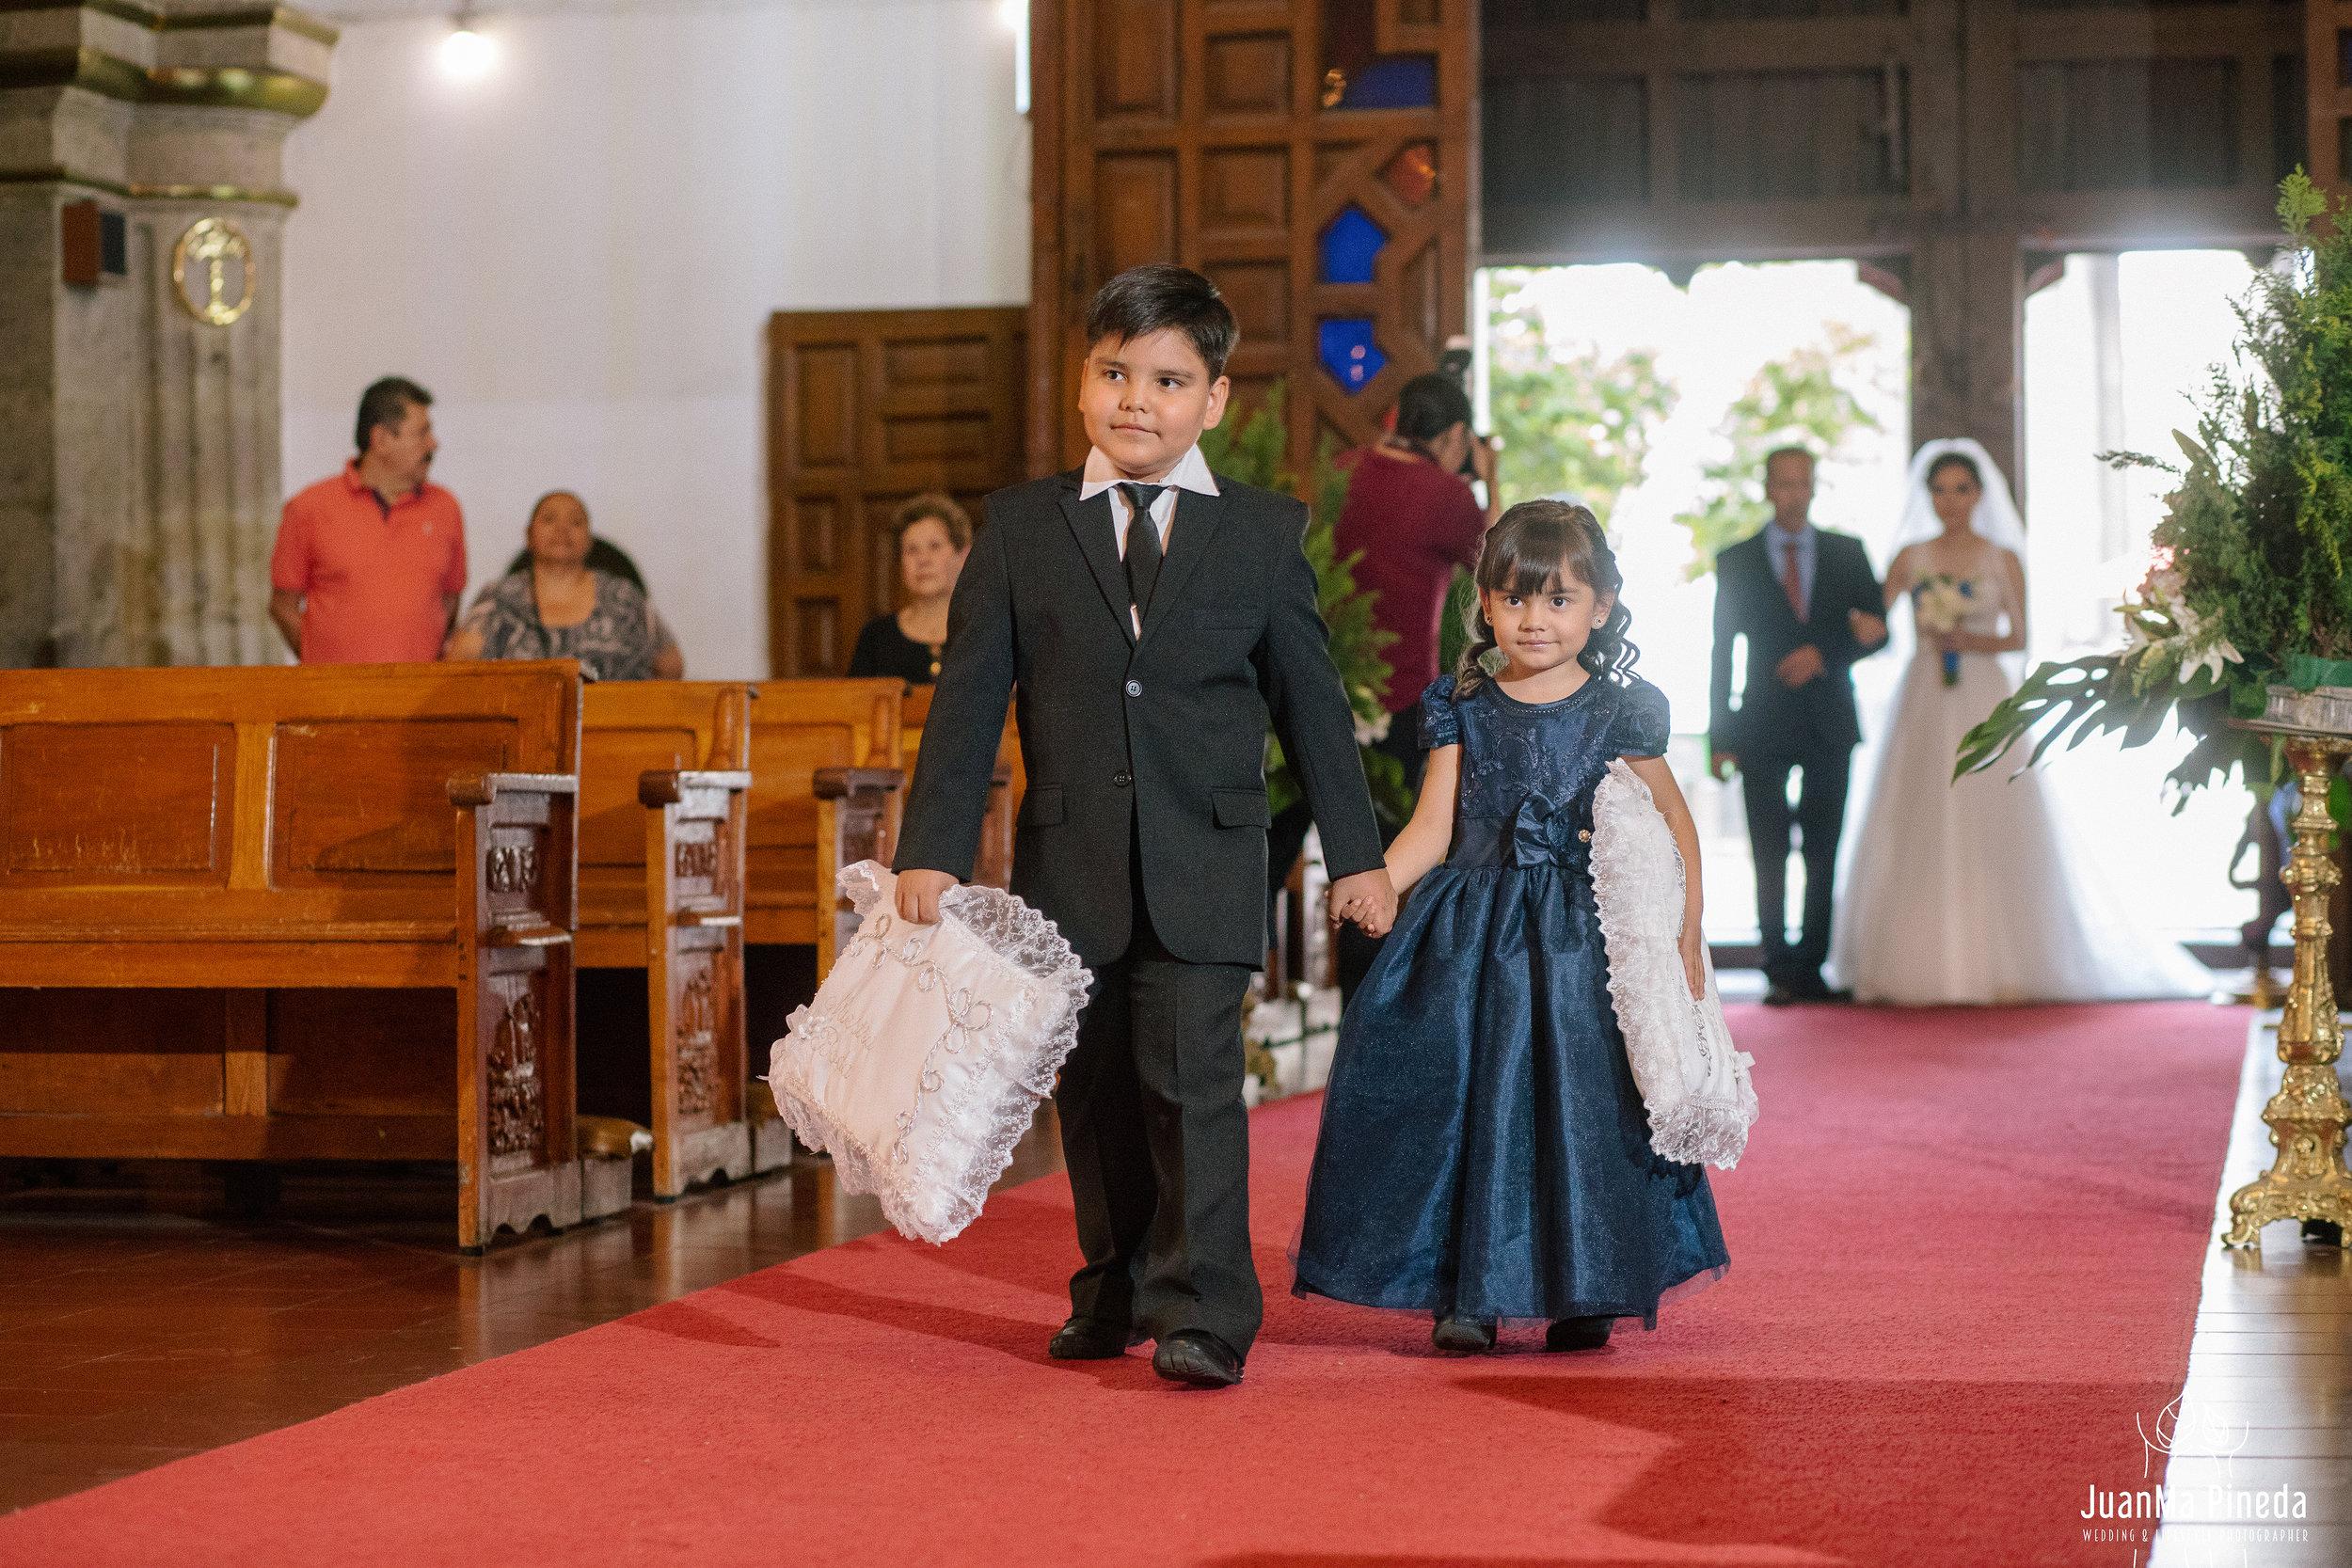 Ceremonia+Boda+Centro+Guadalajara-1-12.jpg